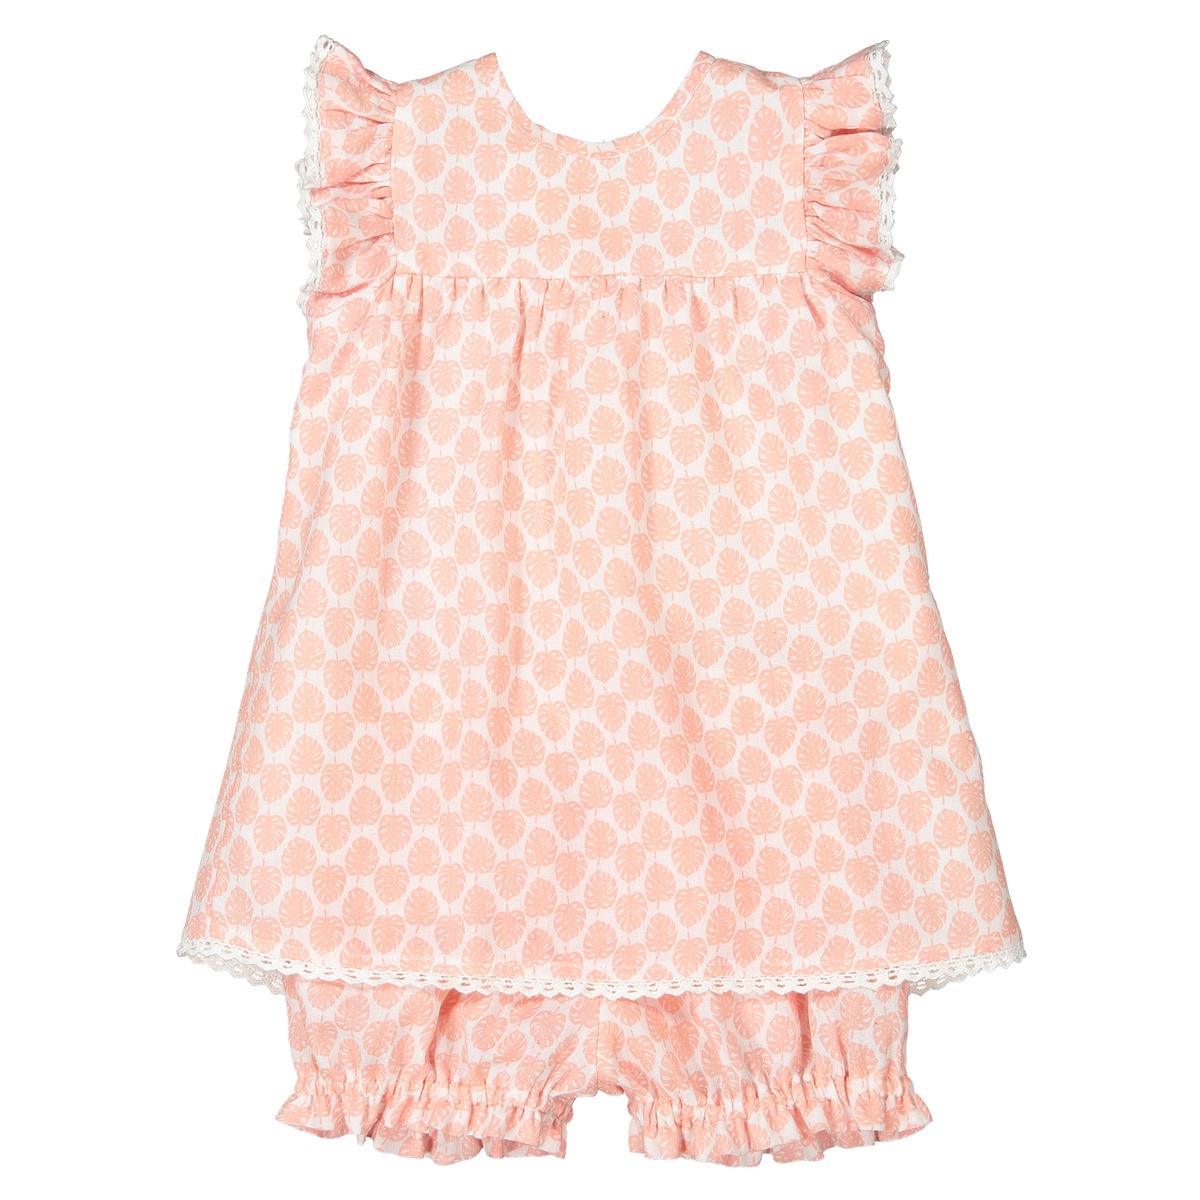 цена Комплект из предметов платье La Redoute И шаровары мес - года 9 мес. - 71 см розовый онлайн в 2017 году